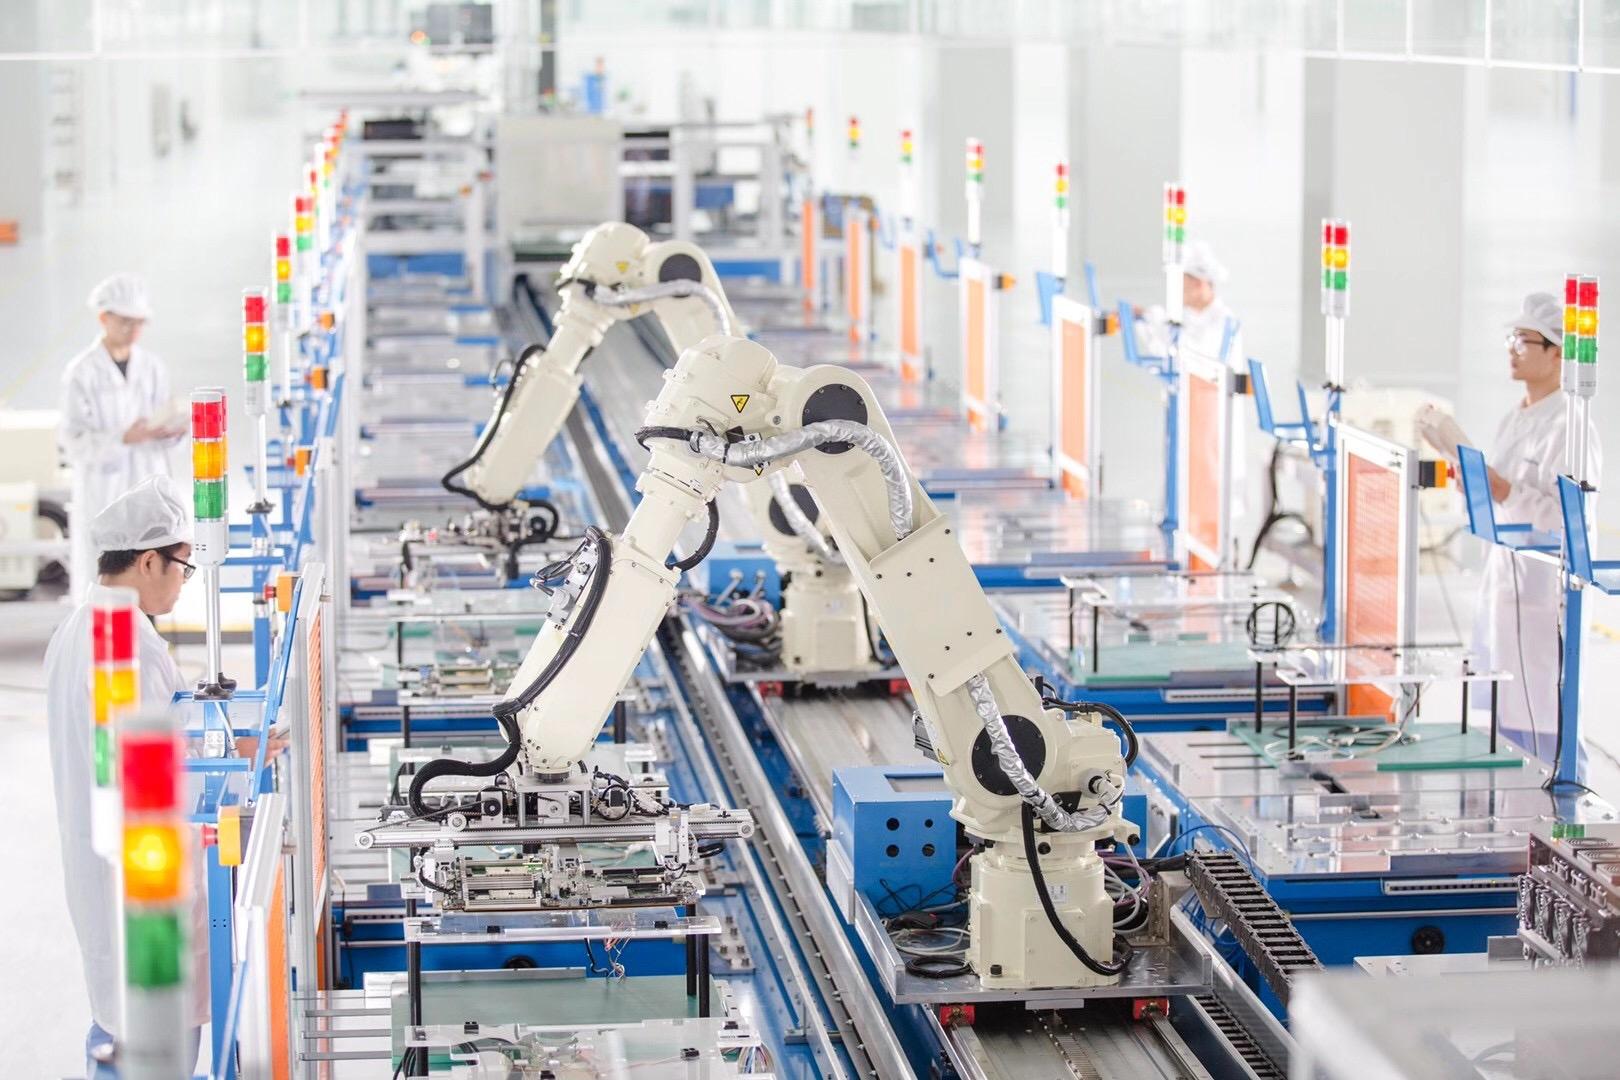 全行业都在进行数字化转型 中国制造必须发扬'工匠精神'